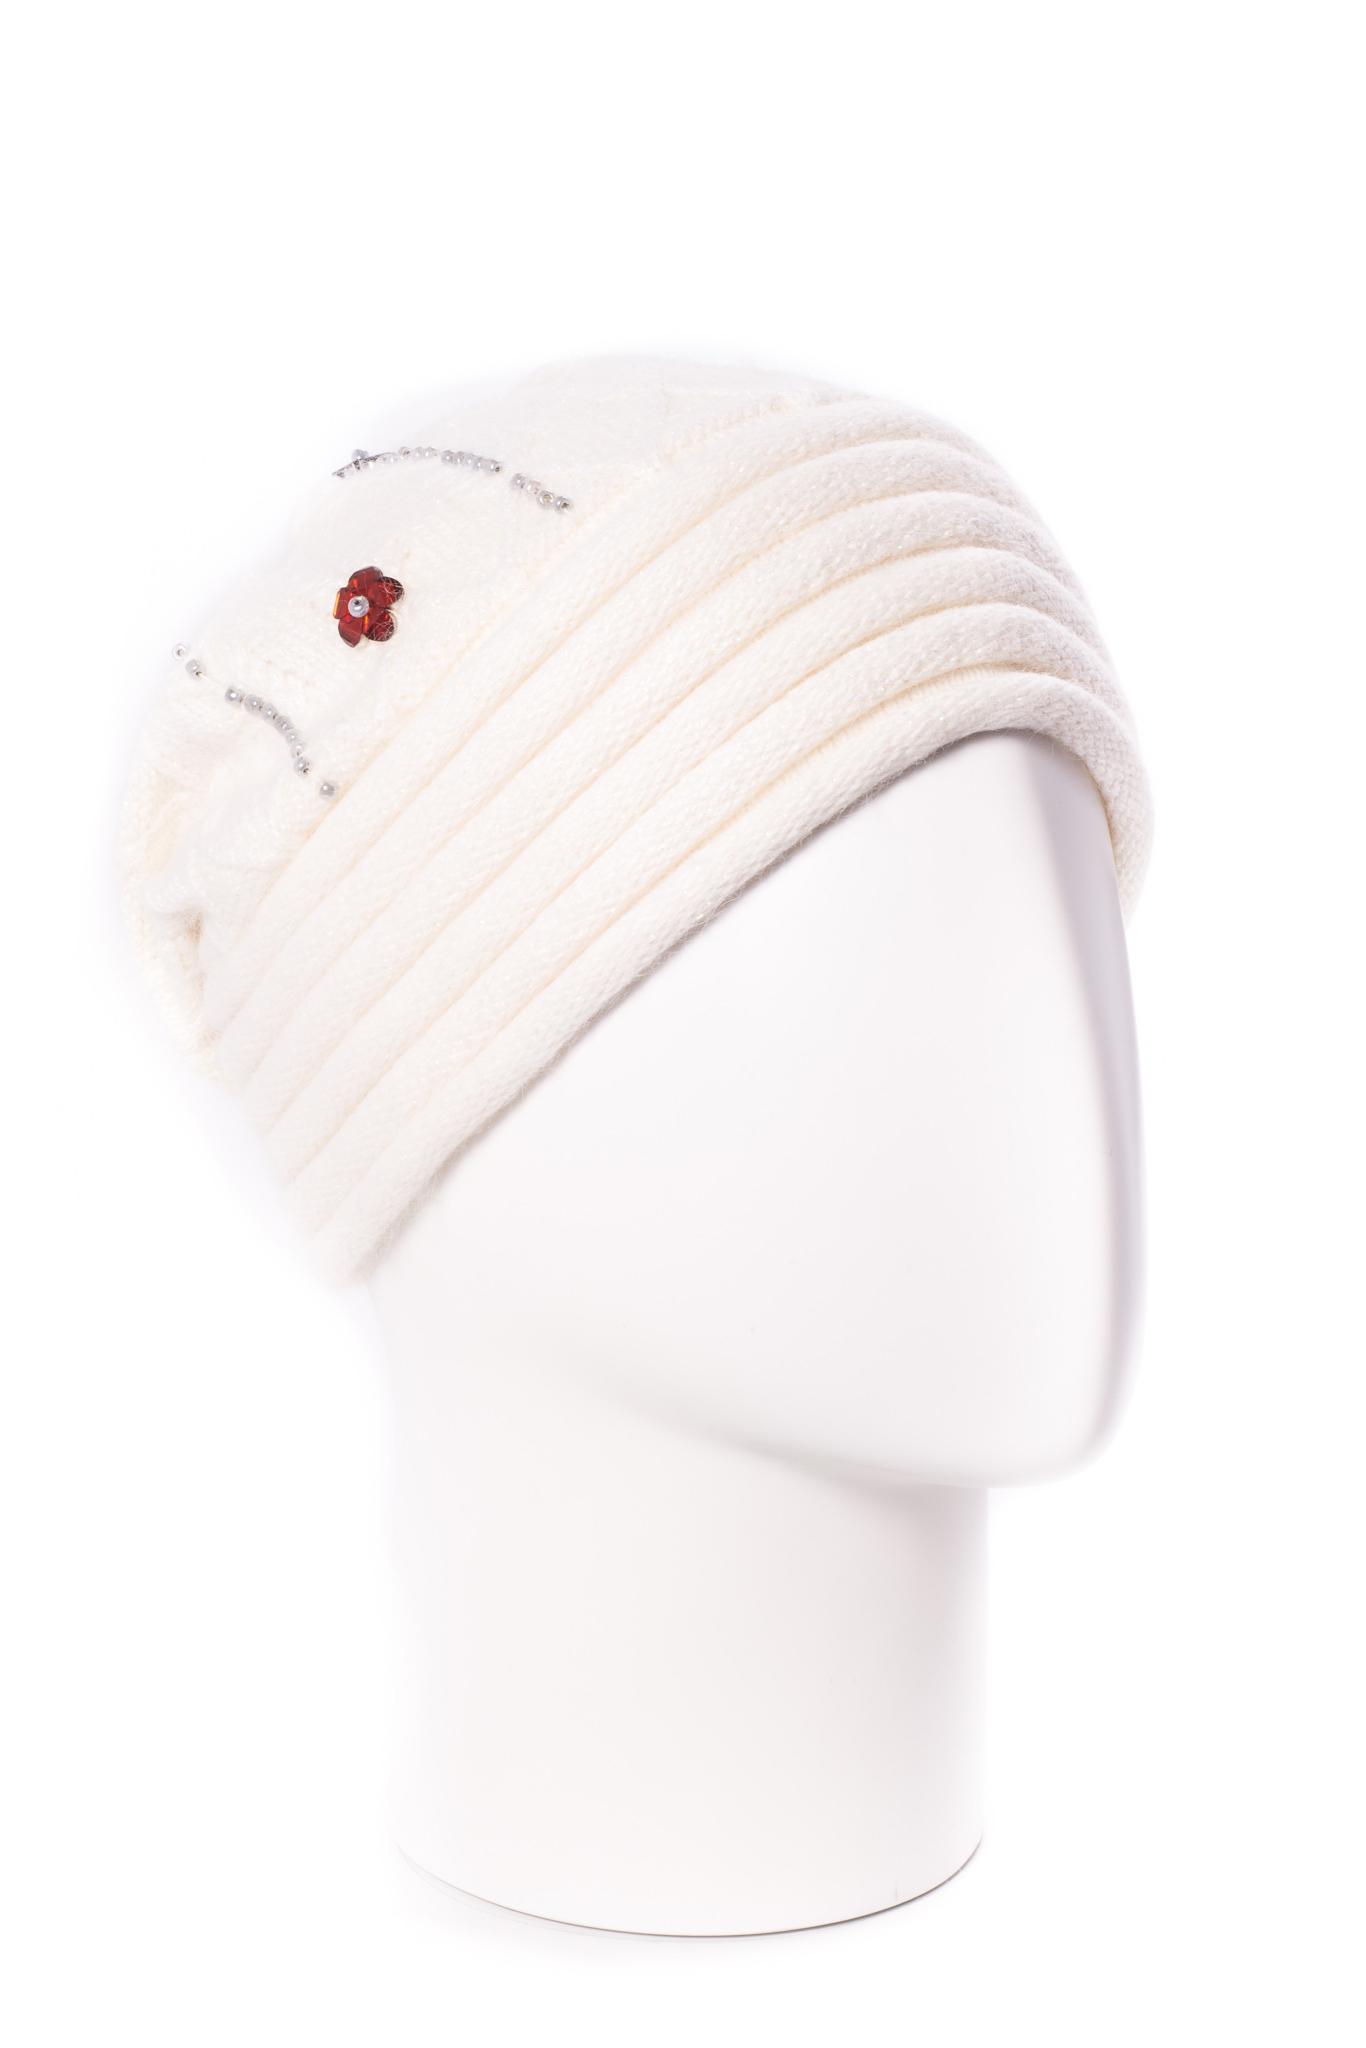 ШапкаШапки<br>Стильная шапка защитит Вас от непогоды и станет прекрасным дополнением Вашего образа.  В изделии использованы цвета: белый и др.<br><br>По материалу: Вязаные<br>По рисунку: Однотонные<br>По элементам: С декором<br>По сезону: Зима<br>Размер : universal<br>Материал: Вязаное полотно<br>Количество в наличии: 1